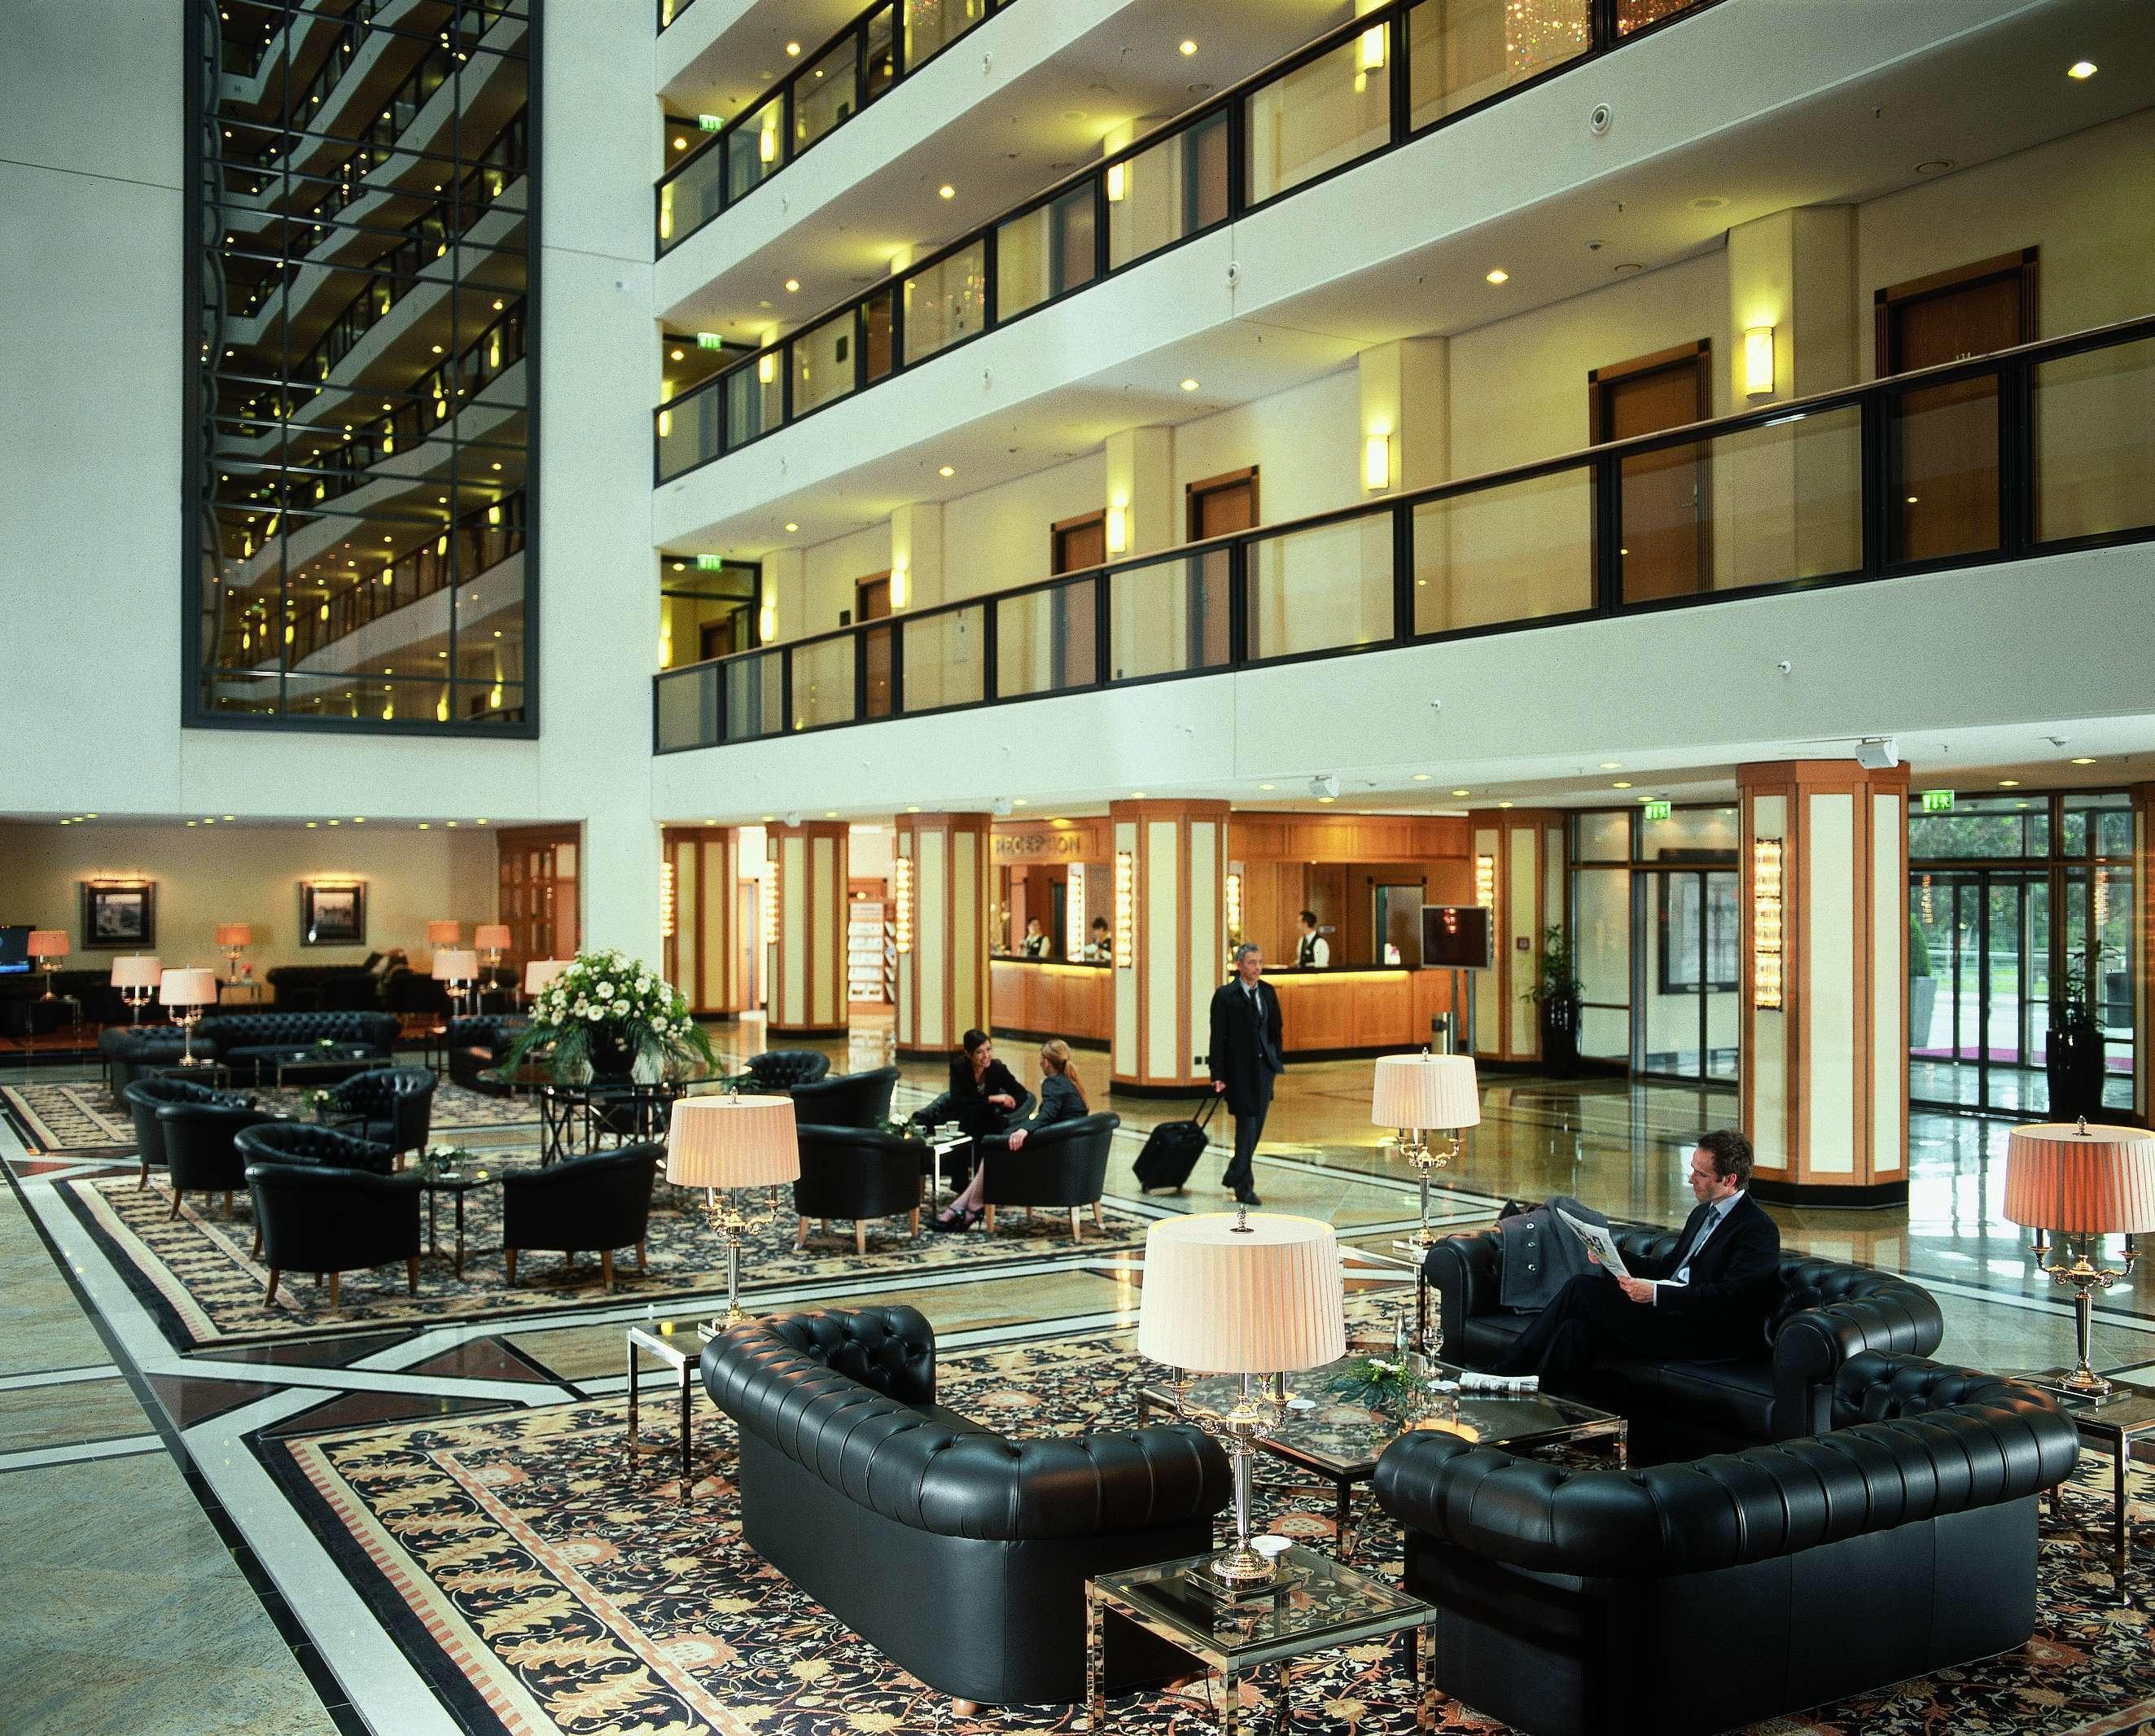 maritim hotel dresden hotels hotels restaurants. Black Bedroom Furniture Sets. Home Design Ideas